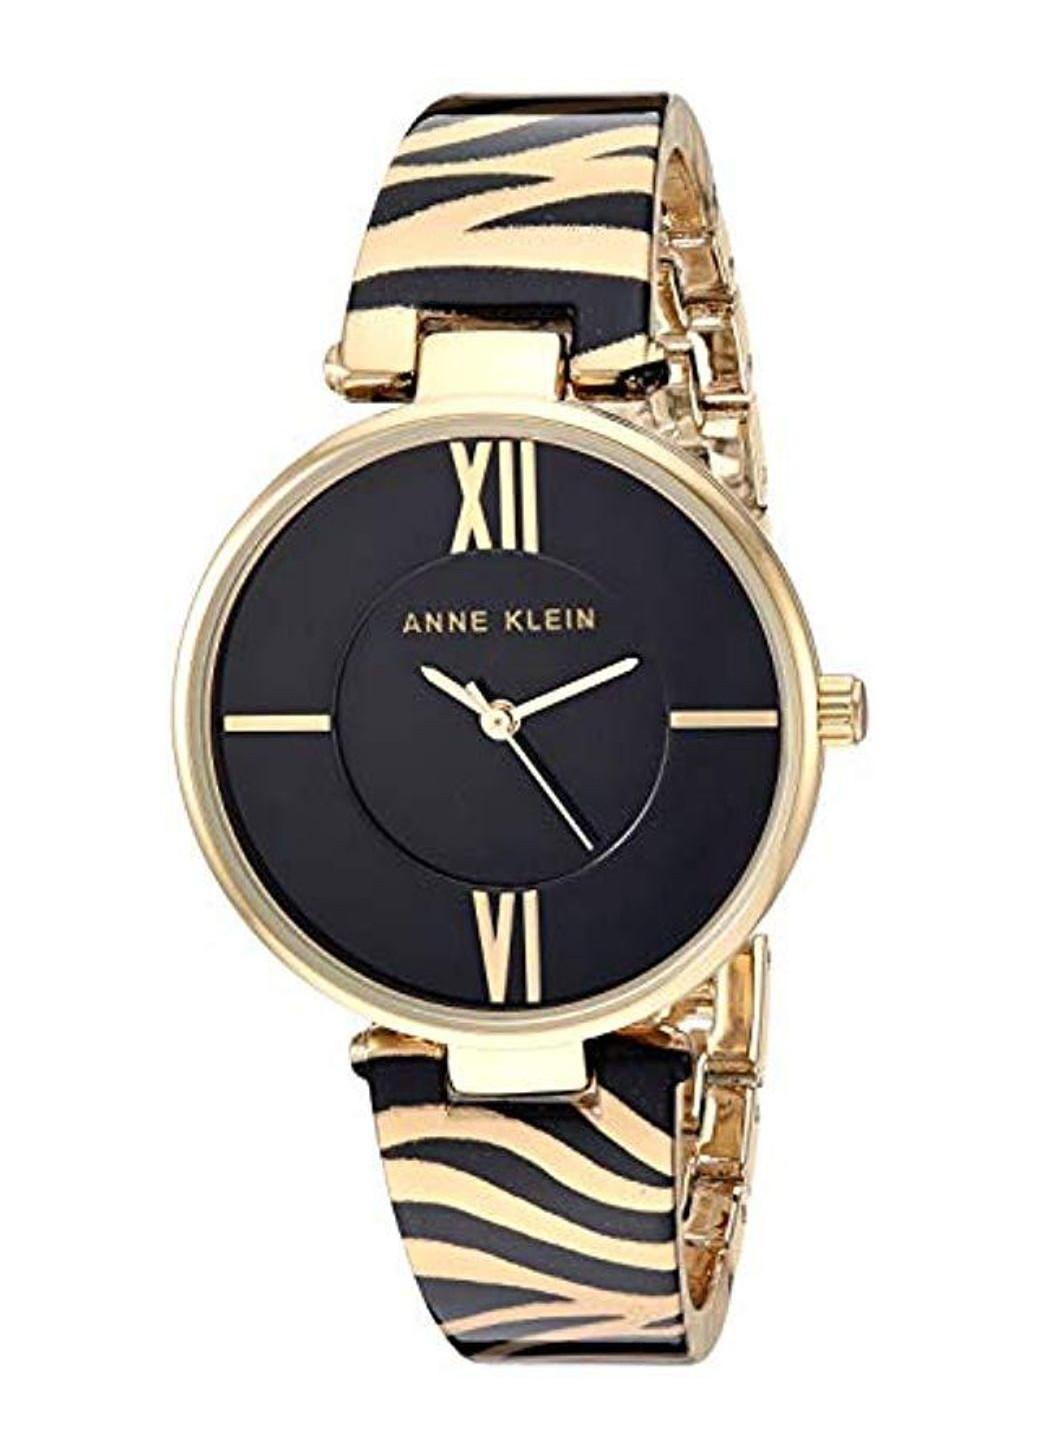 Đồng hồ thời trang nữ ANNE KLEIN 3532BKZE